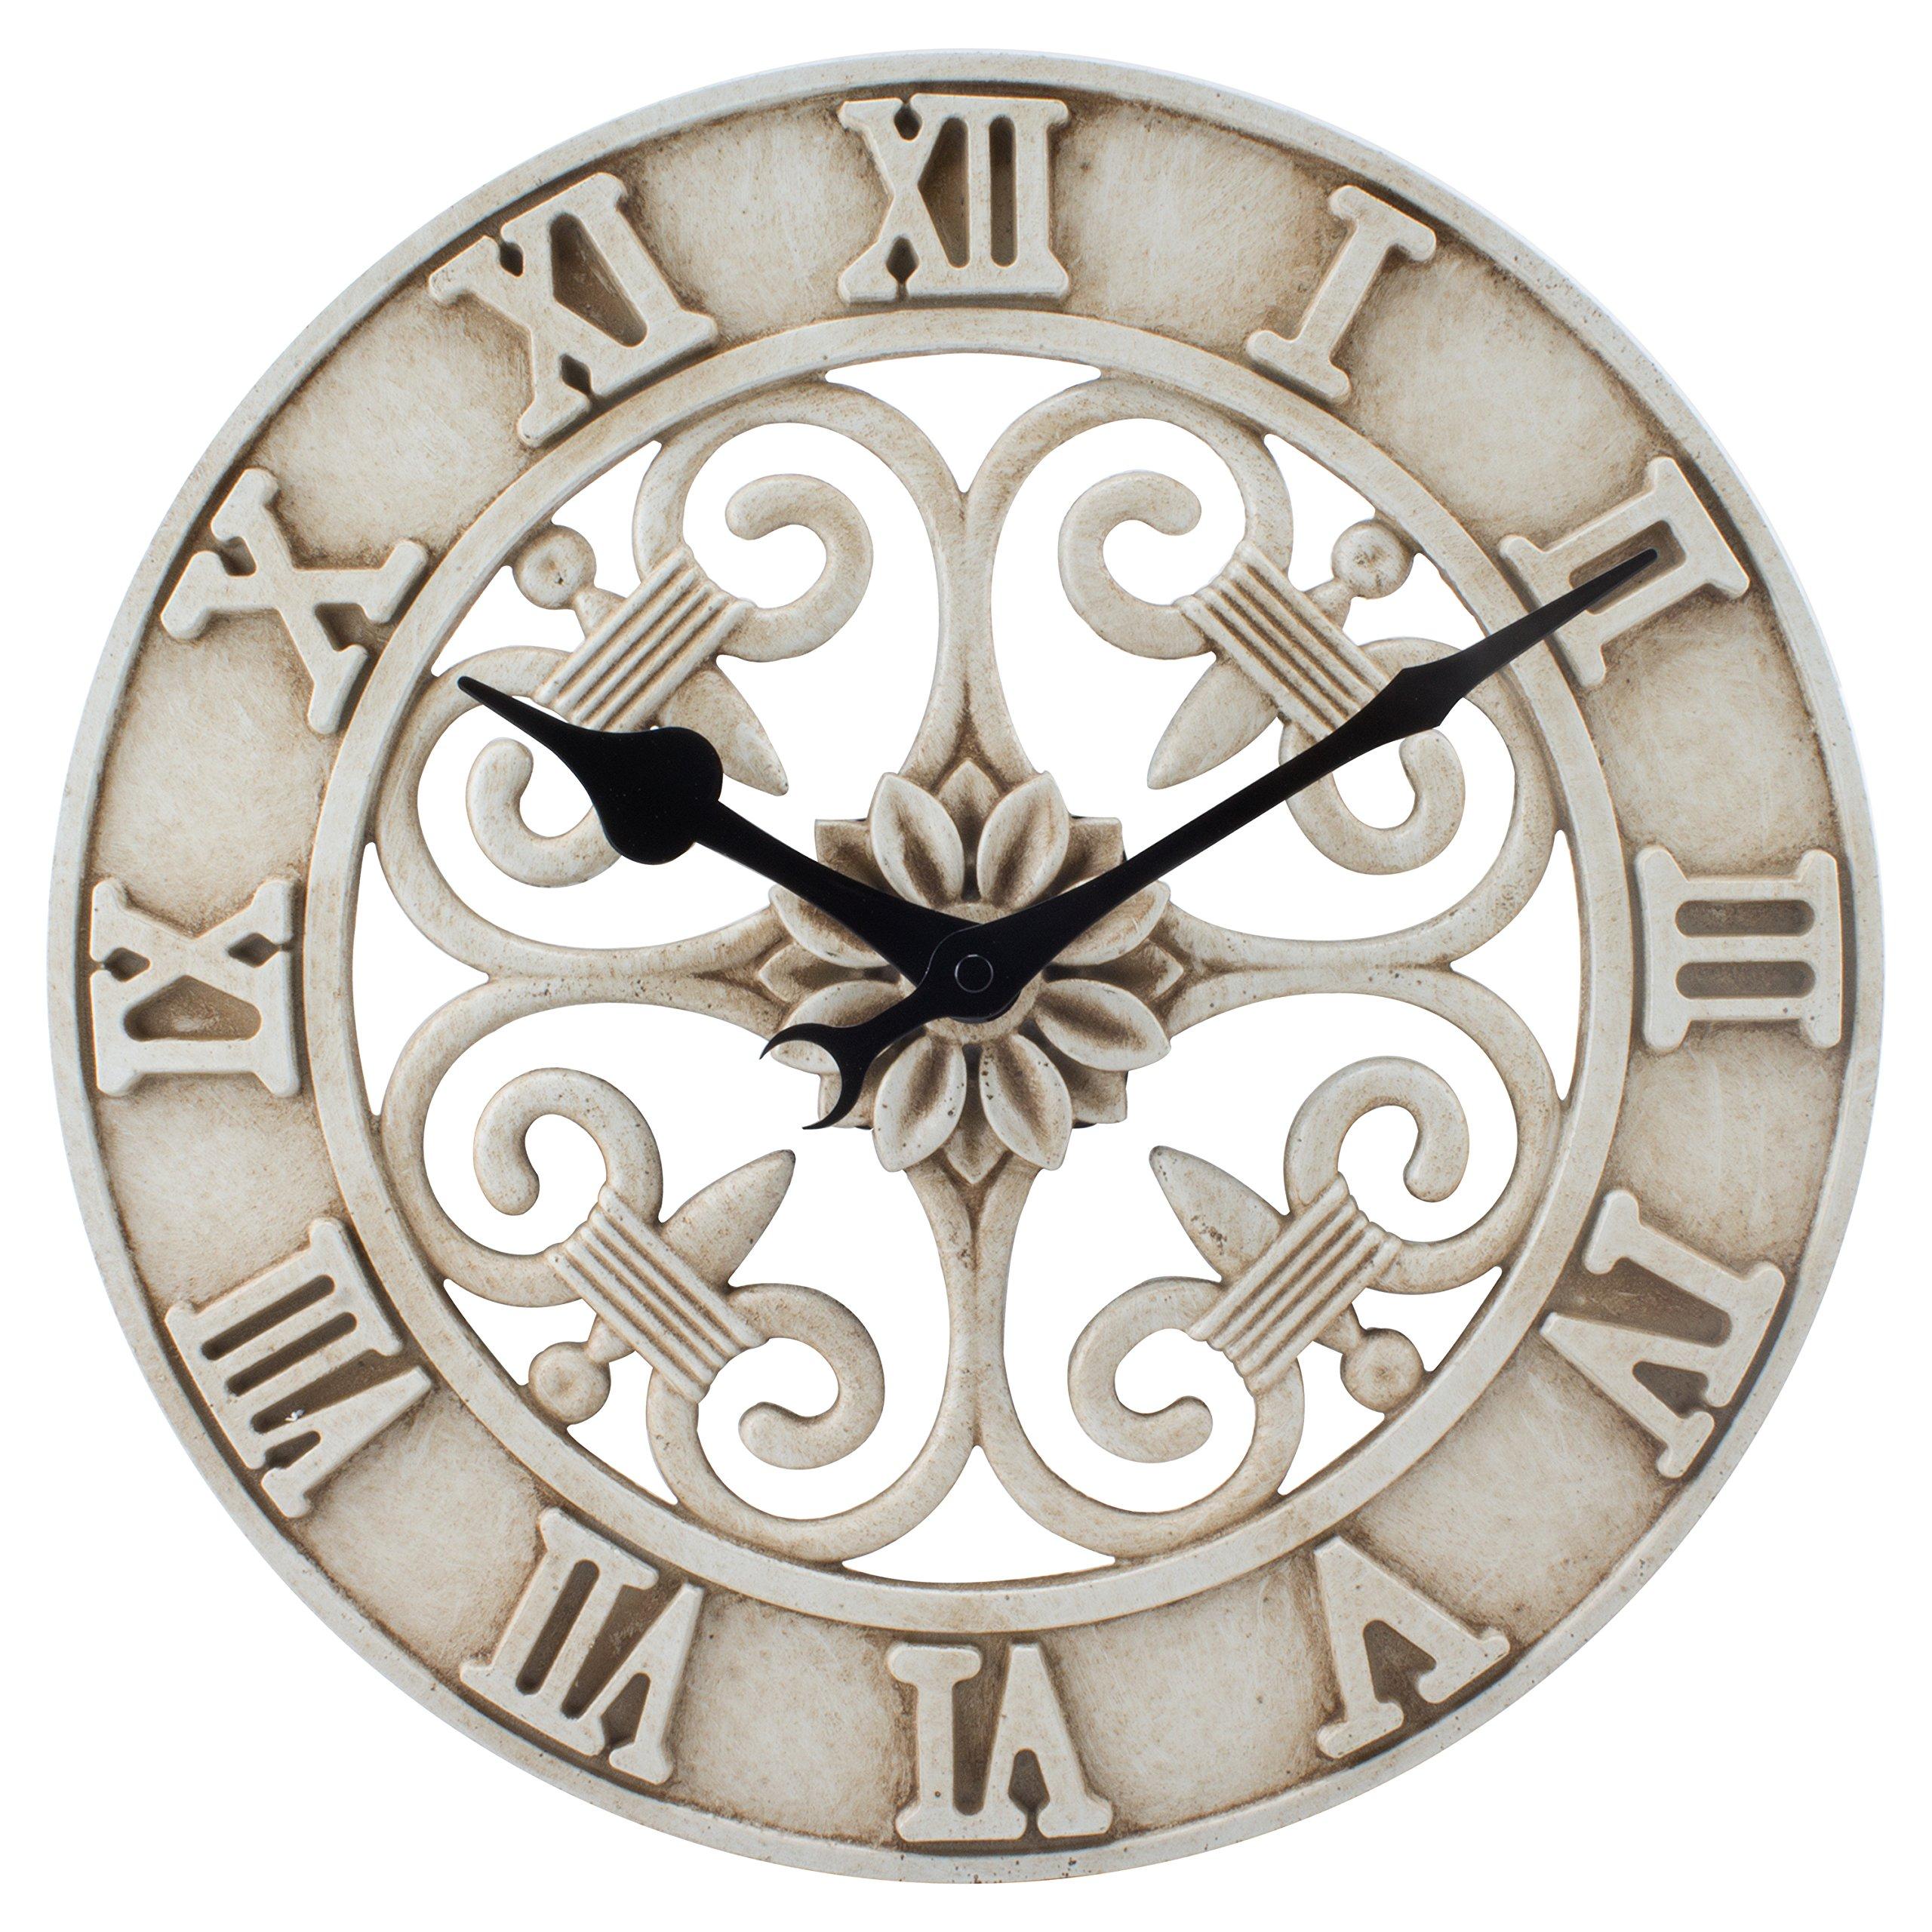 La Crosse Technology BBB86491 Cast Iron Indoor/Outdoor Wall Clock, 14''